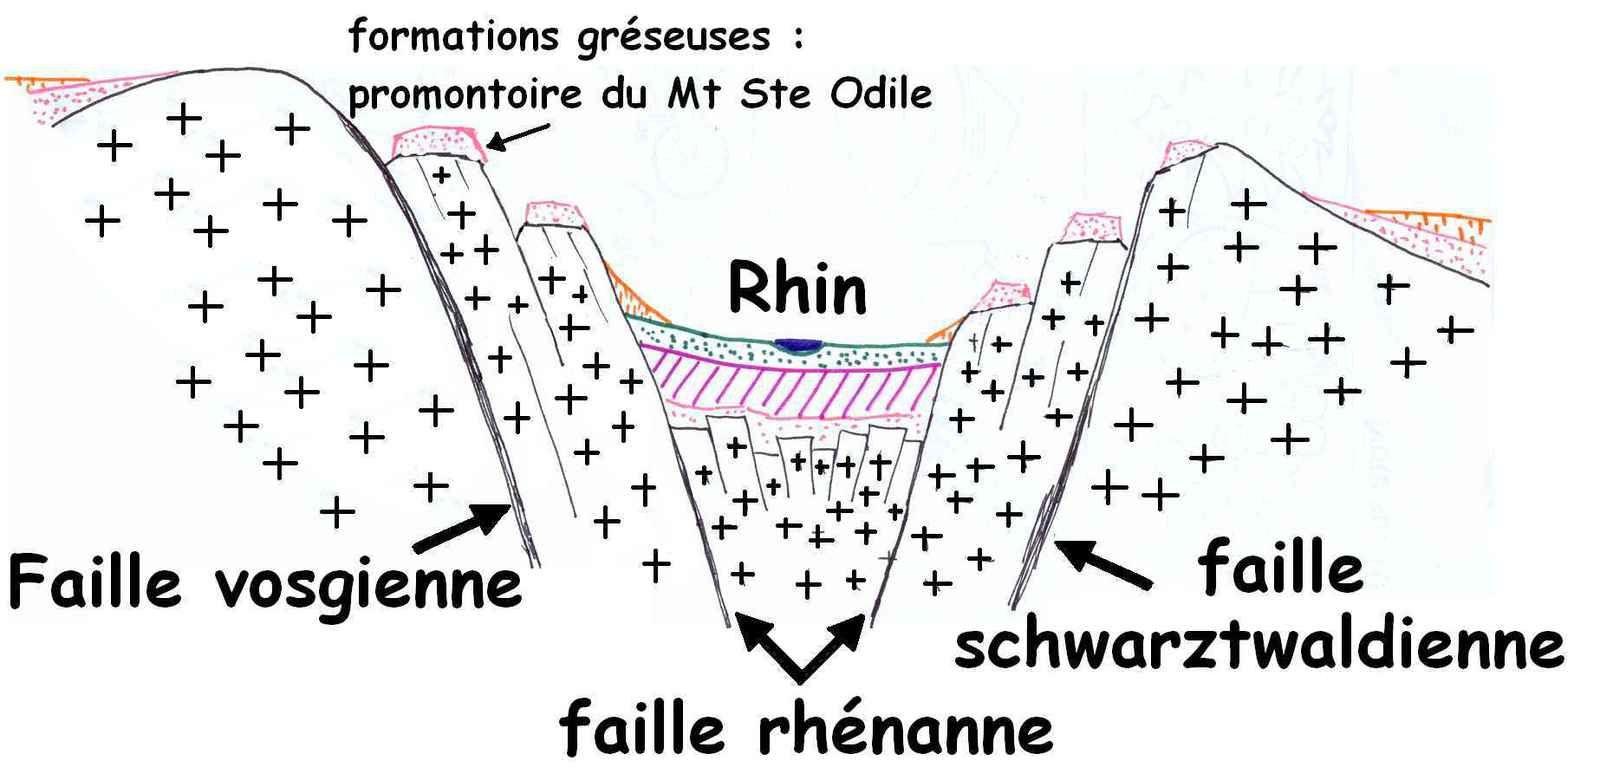 source : www.mur-païen.fr